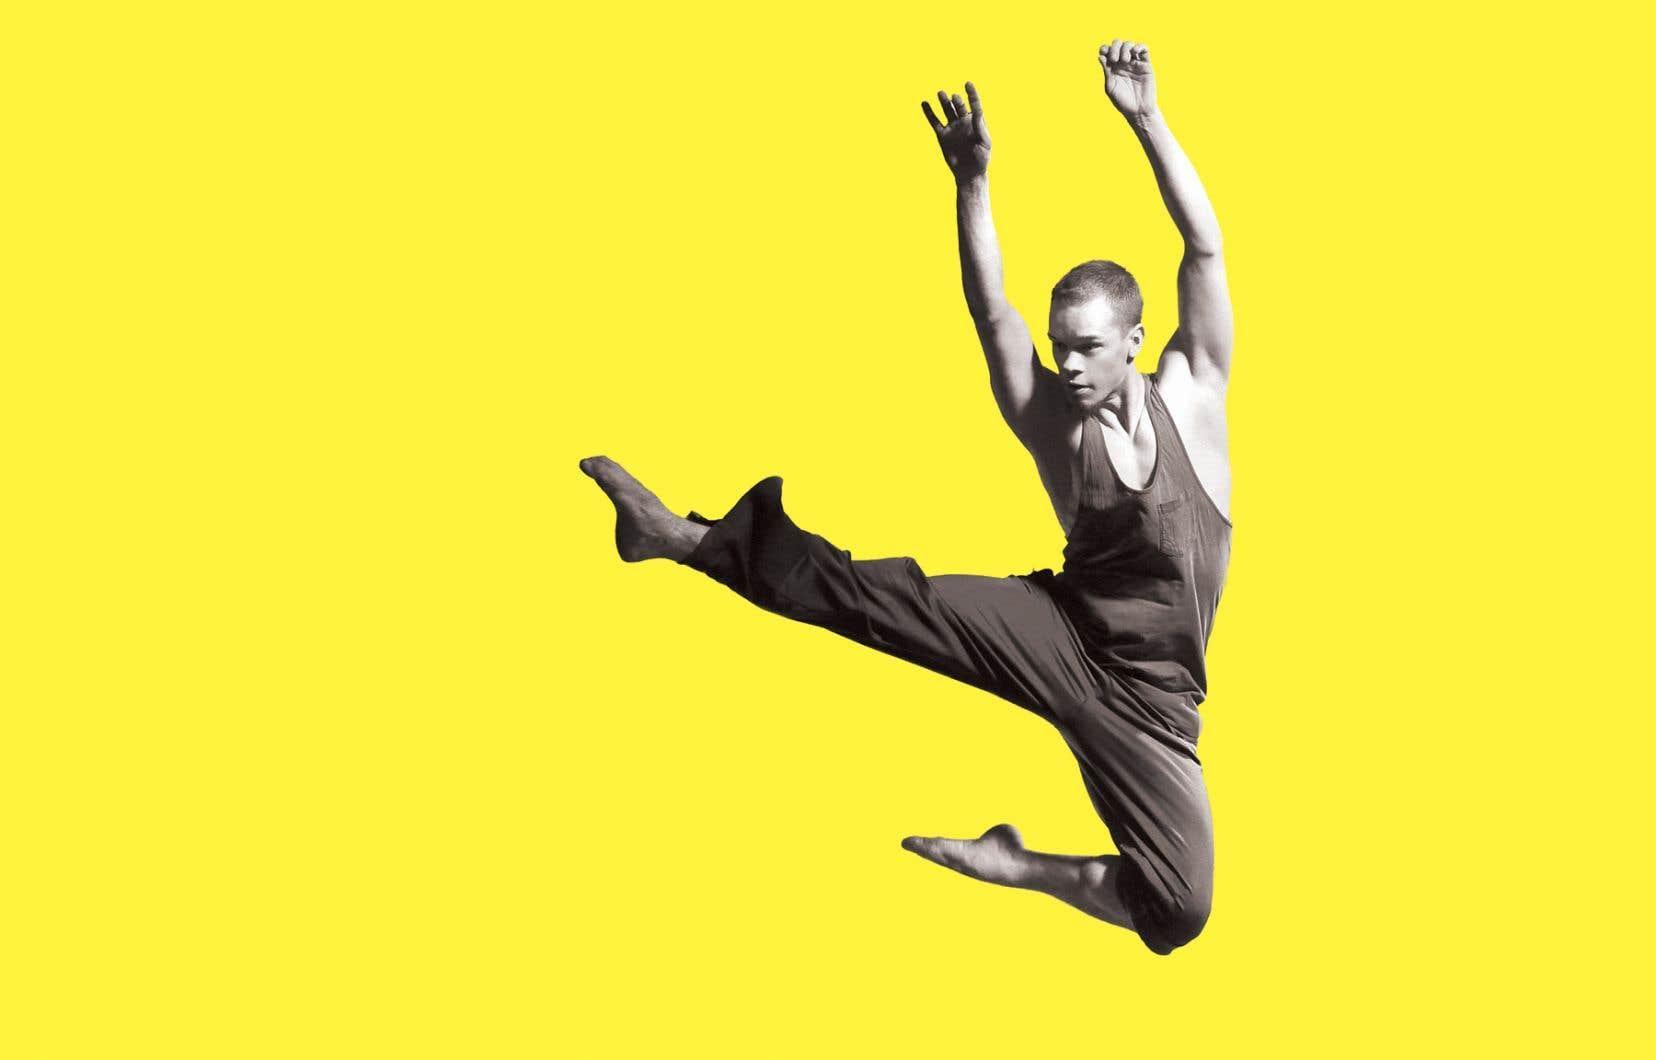 Comment enseigner, s'entraîner, chorégraphier, danser quand les rapprochements sont interdits?